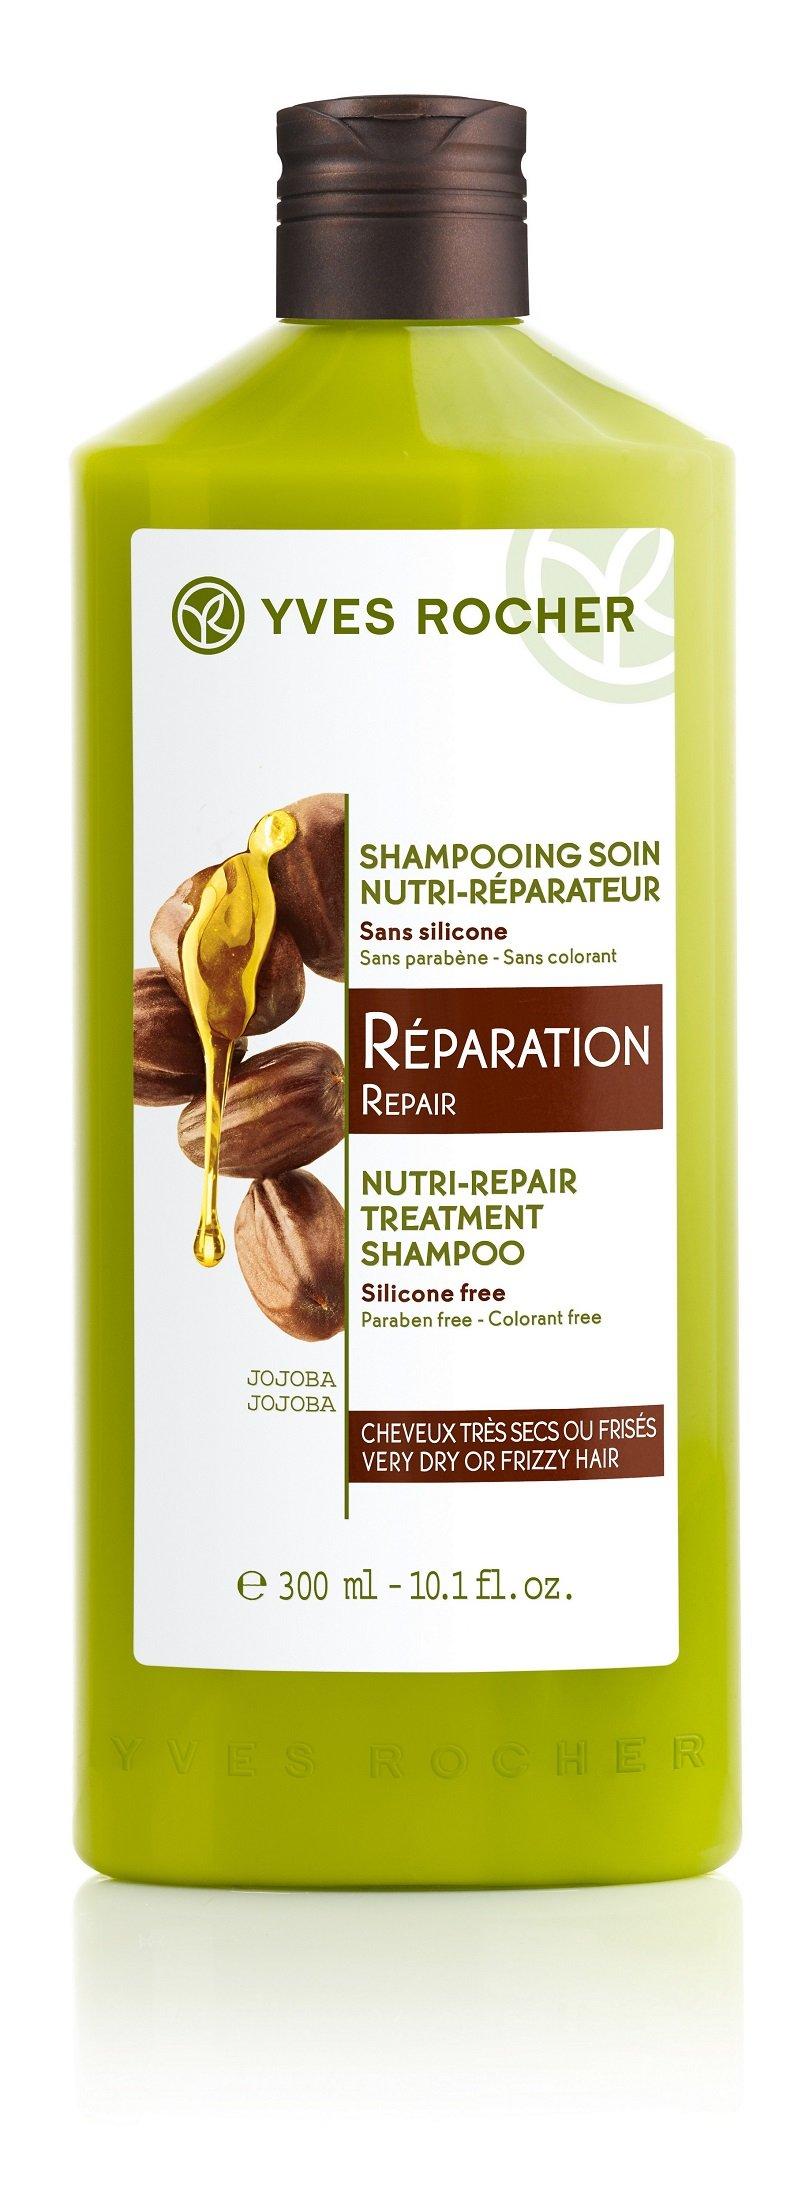 Yves Rocher Nutri-Repair Treatment Shampoo 300 Ml.